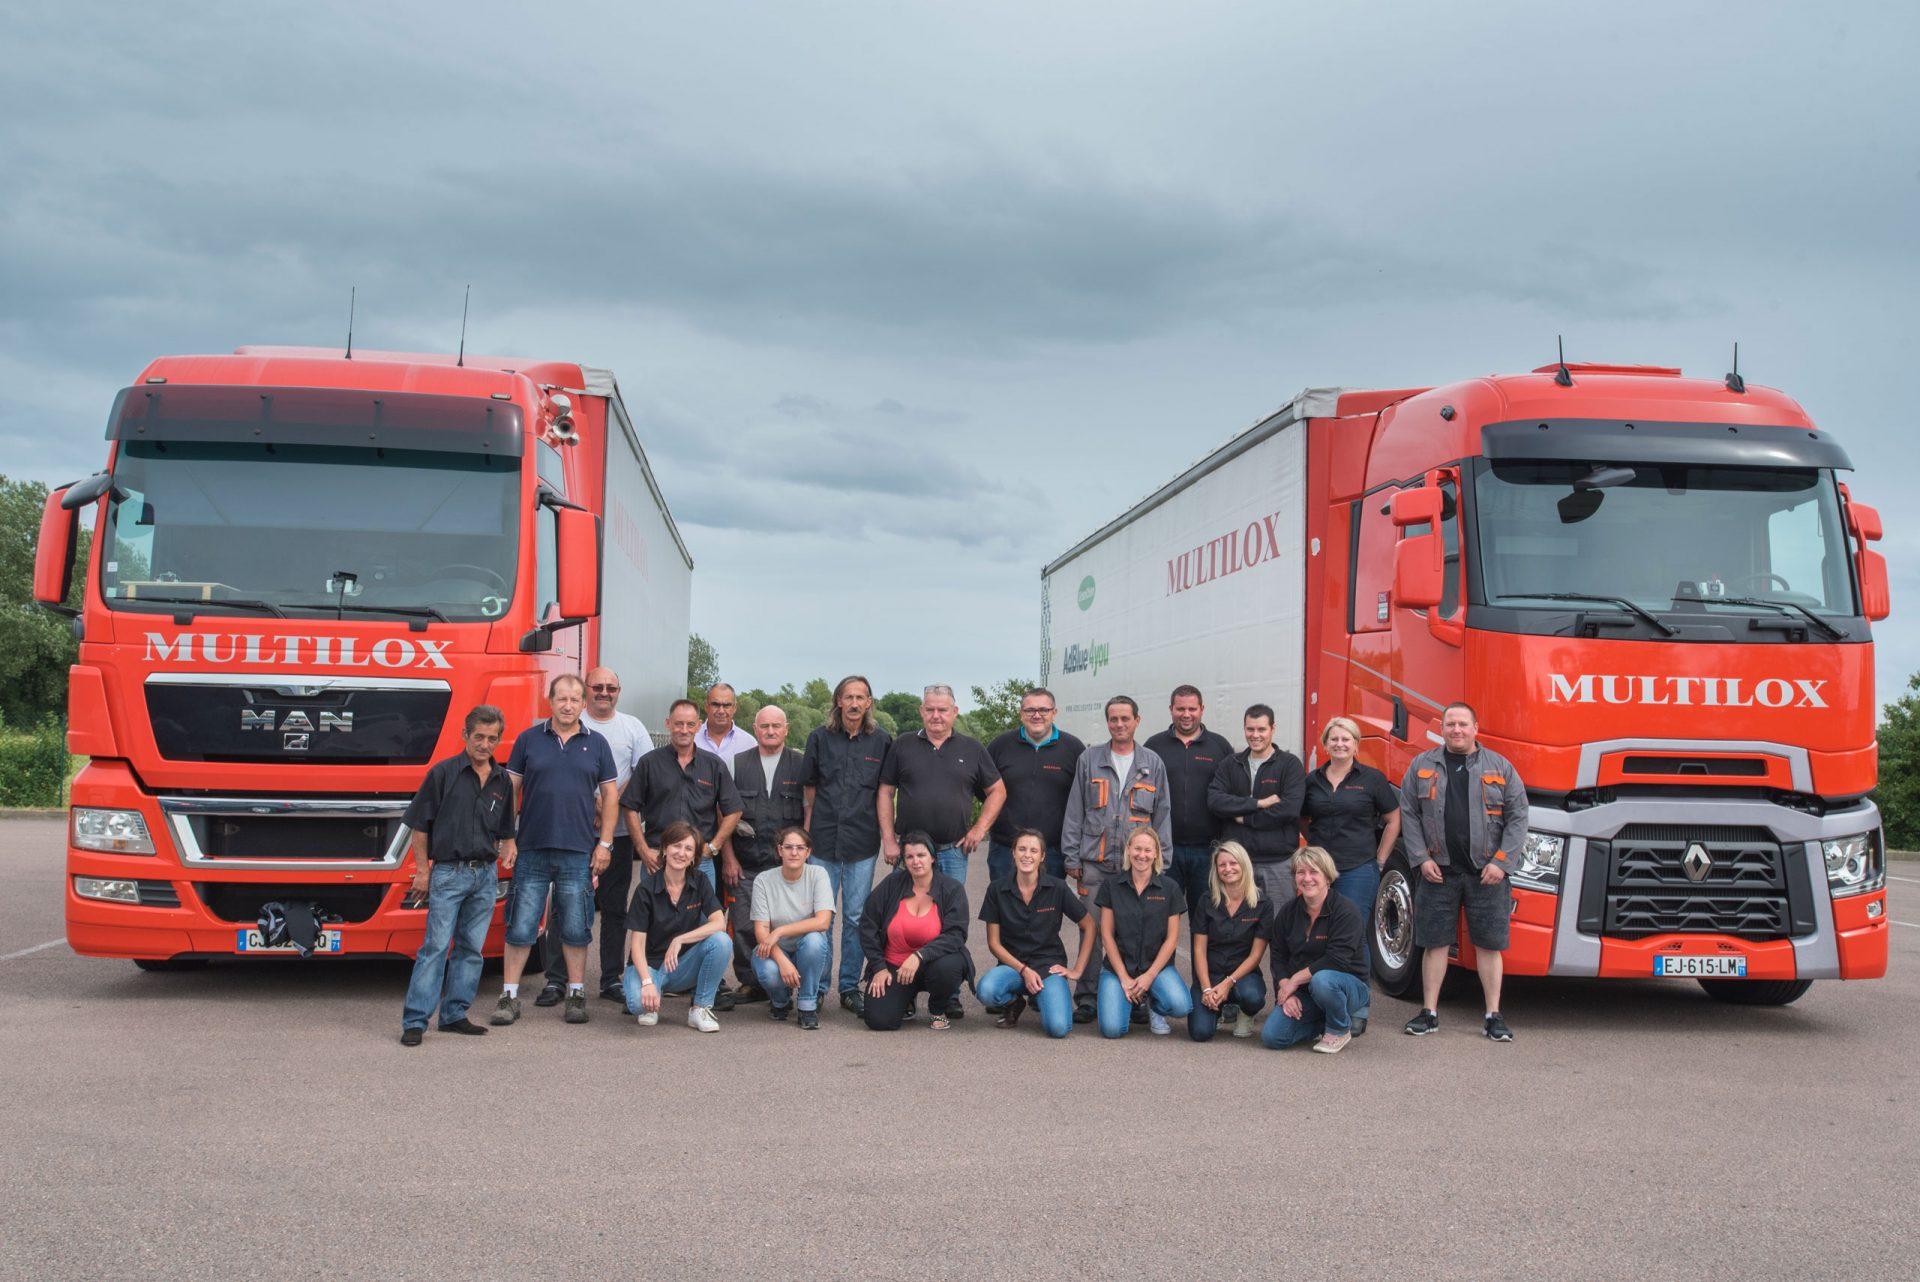 Toutes l'équipe de multilox devant les camions de la société